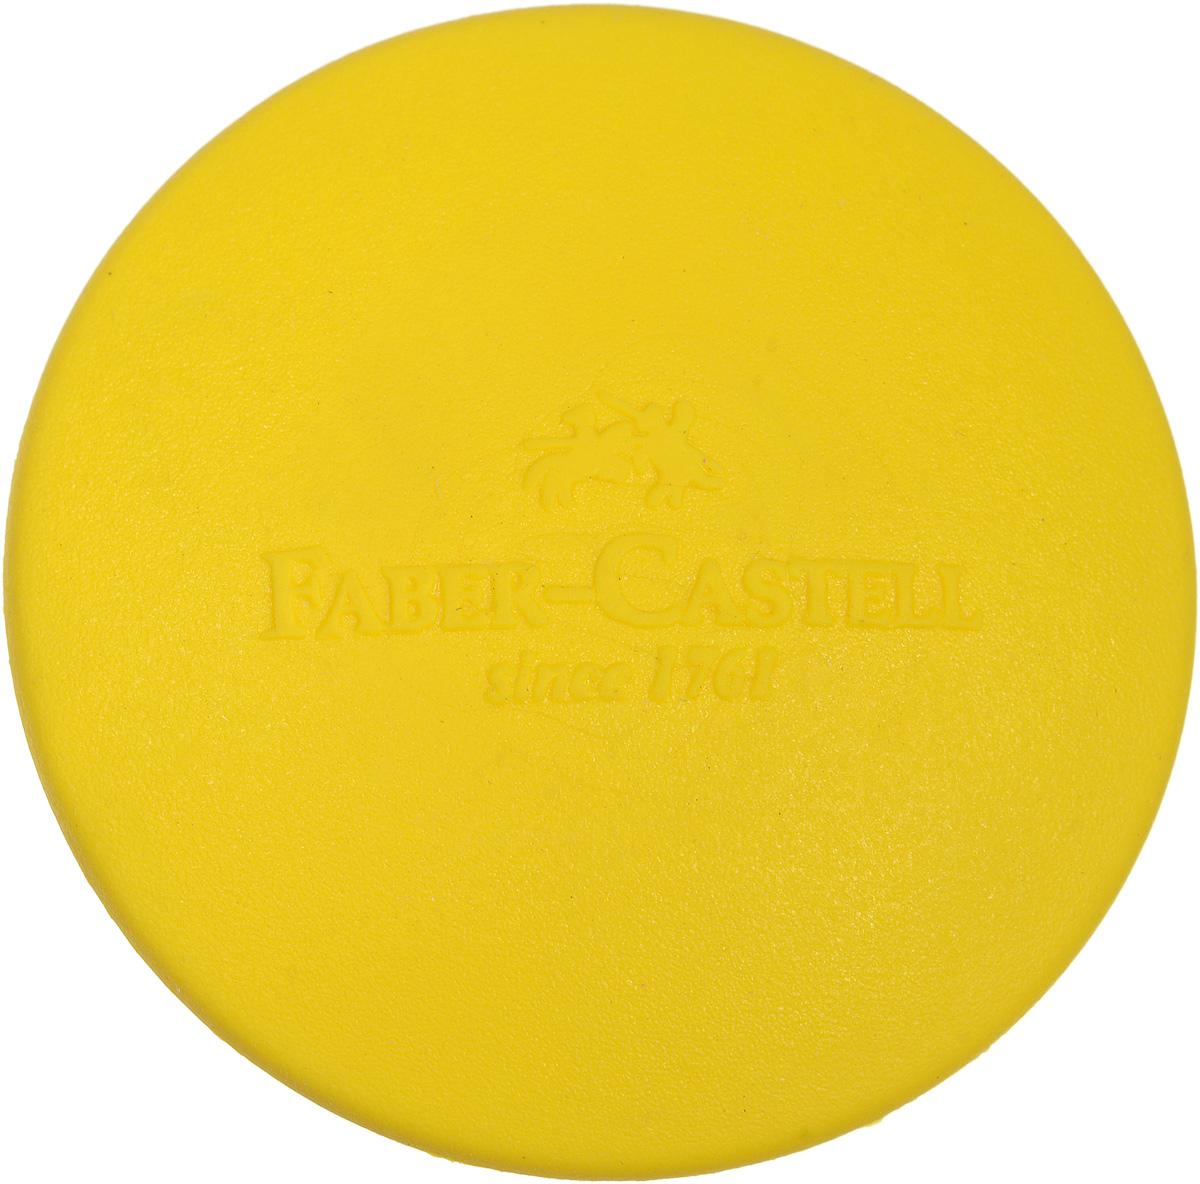 Faber-Castell Ластик круглый цвет желтый589022_желтыйЛастик Faber-Castell - незаменимый аксессуар на рабочем столе не только школьника или студента, но и офисного работника. Он легко и без следа удаляет надписи, сделанные карандашом. Ластик имеет форму круга, его очень удобно держать в руке.